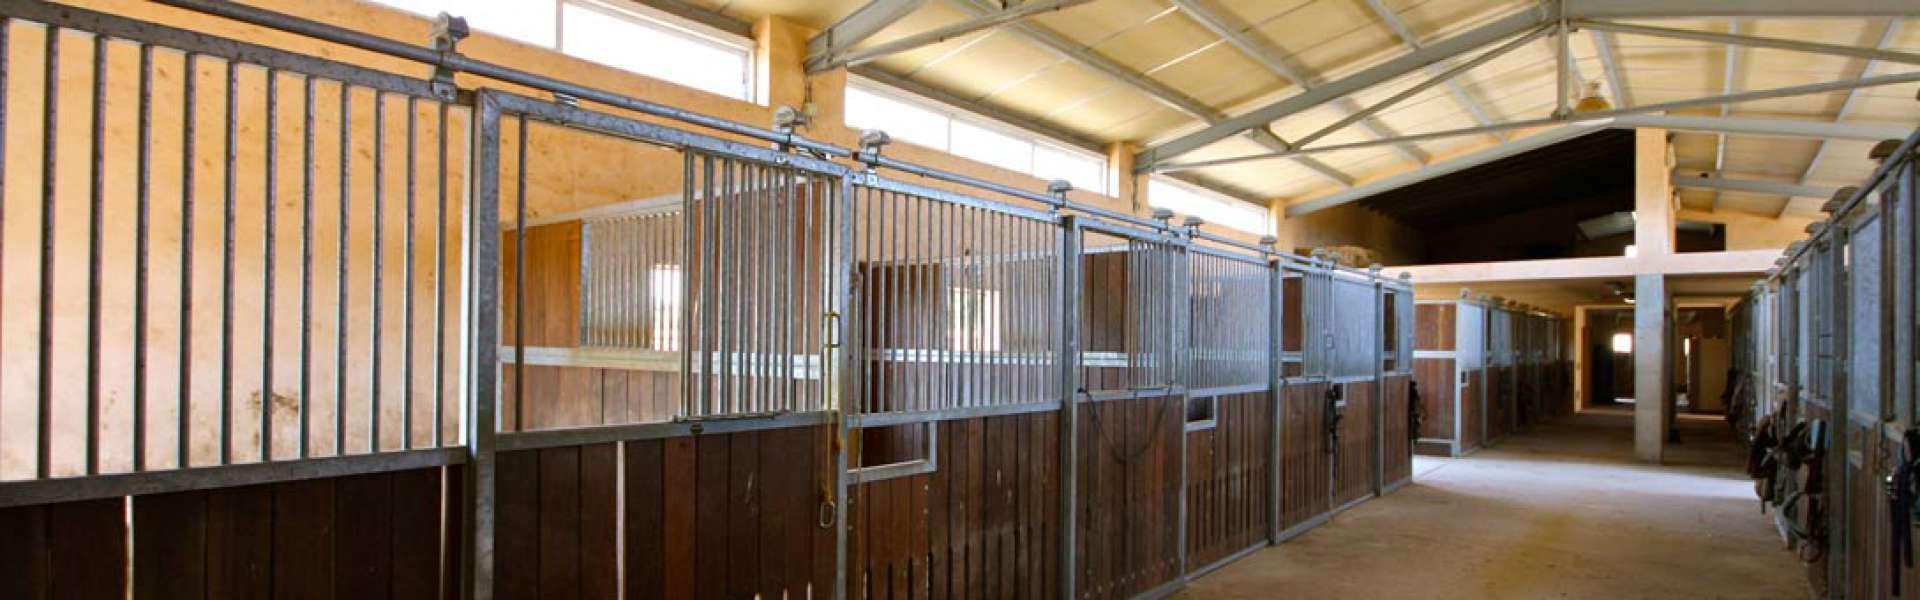 Finca para amantes de los caballos - Manacor